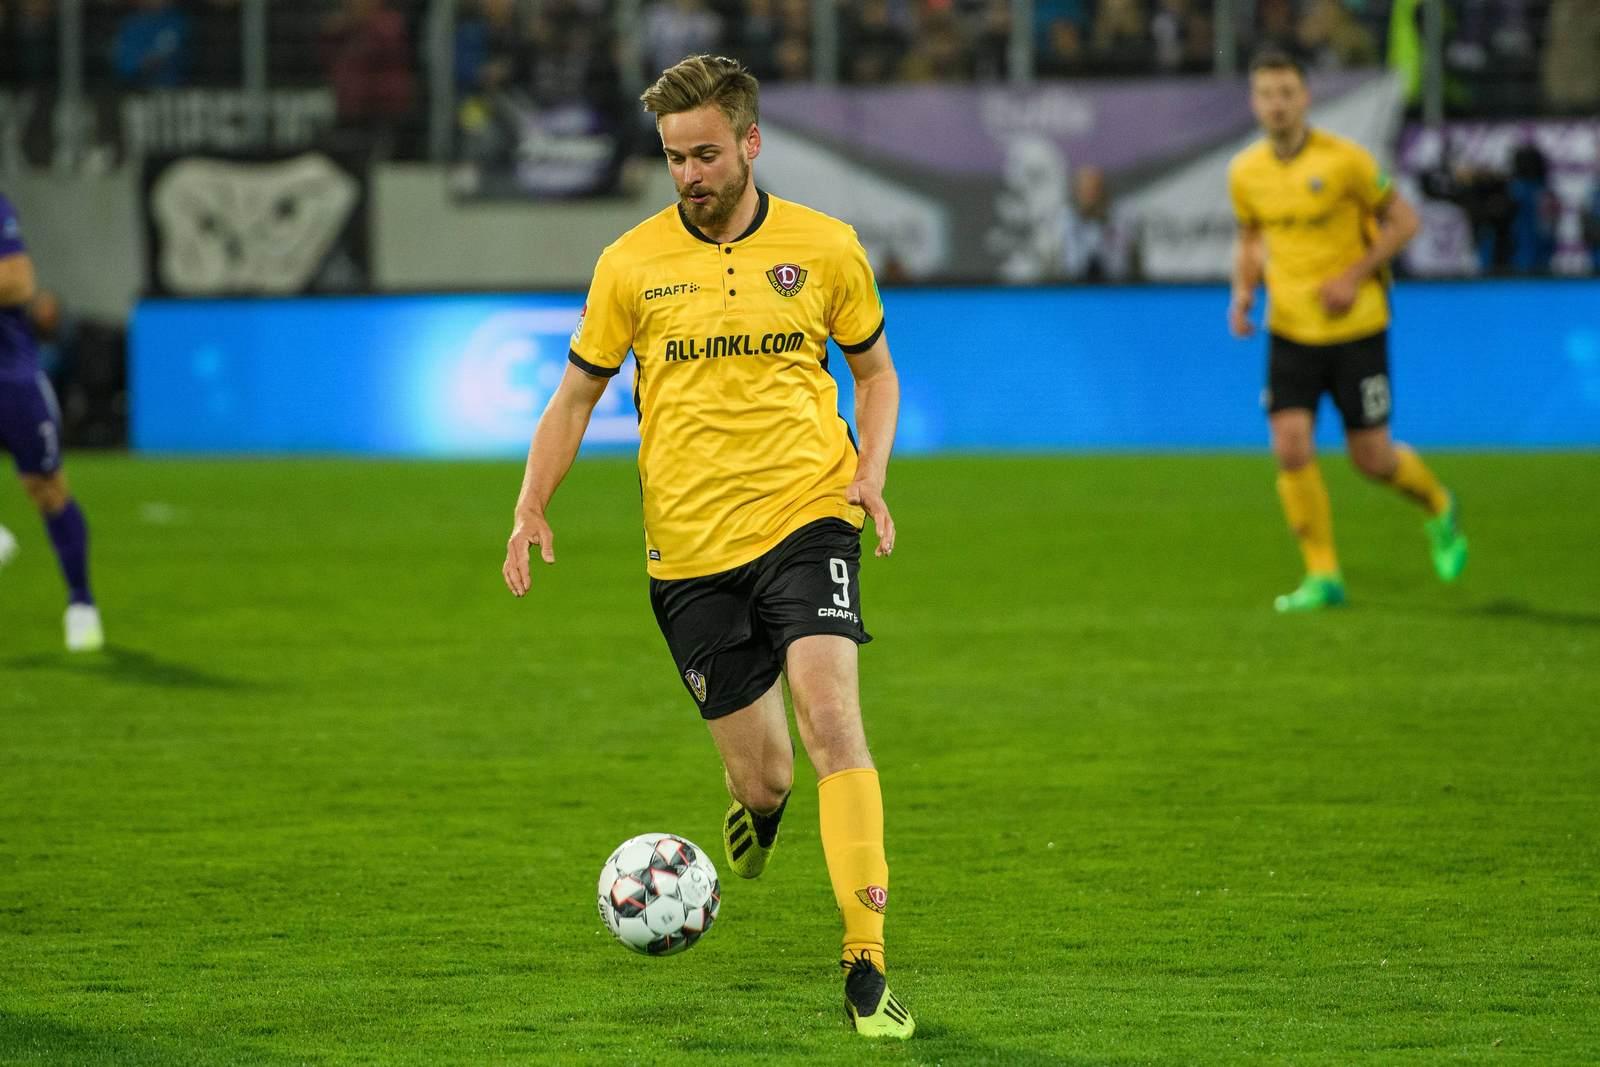 Lucas Röser am Ball für Dynamo Dresden